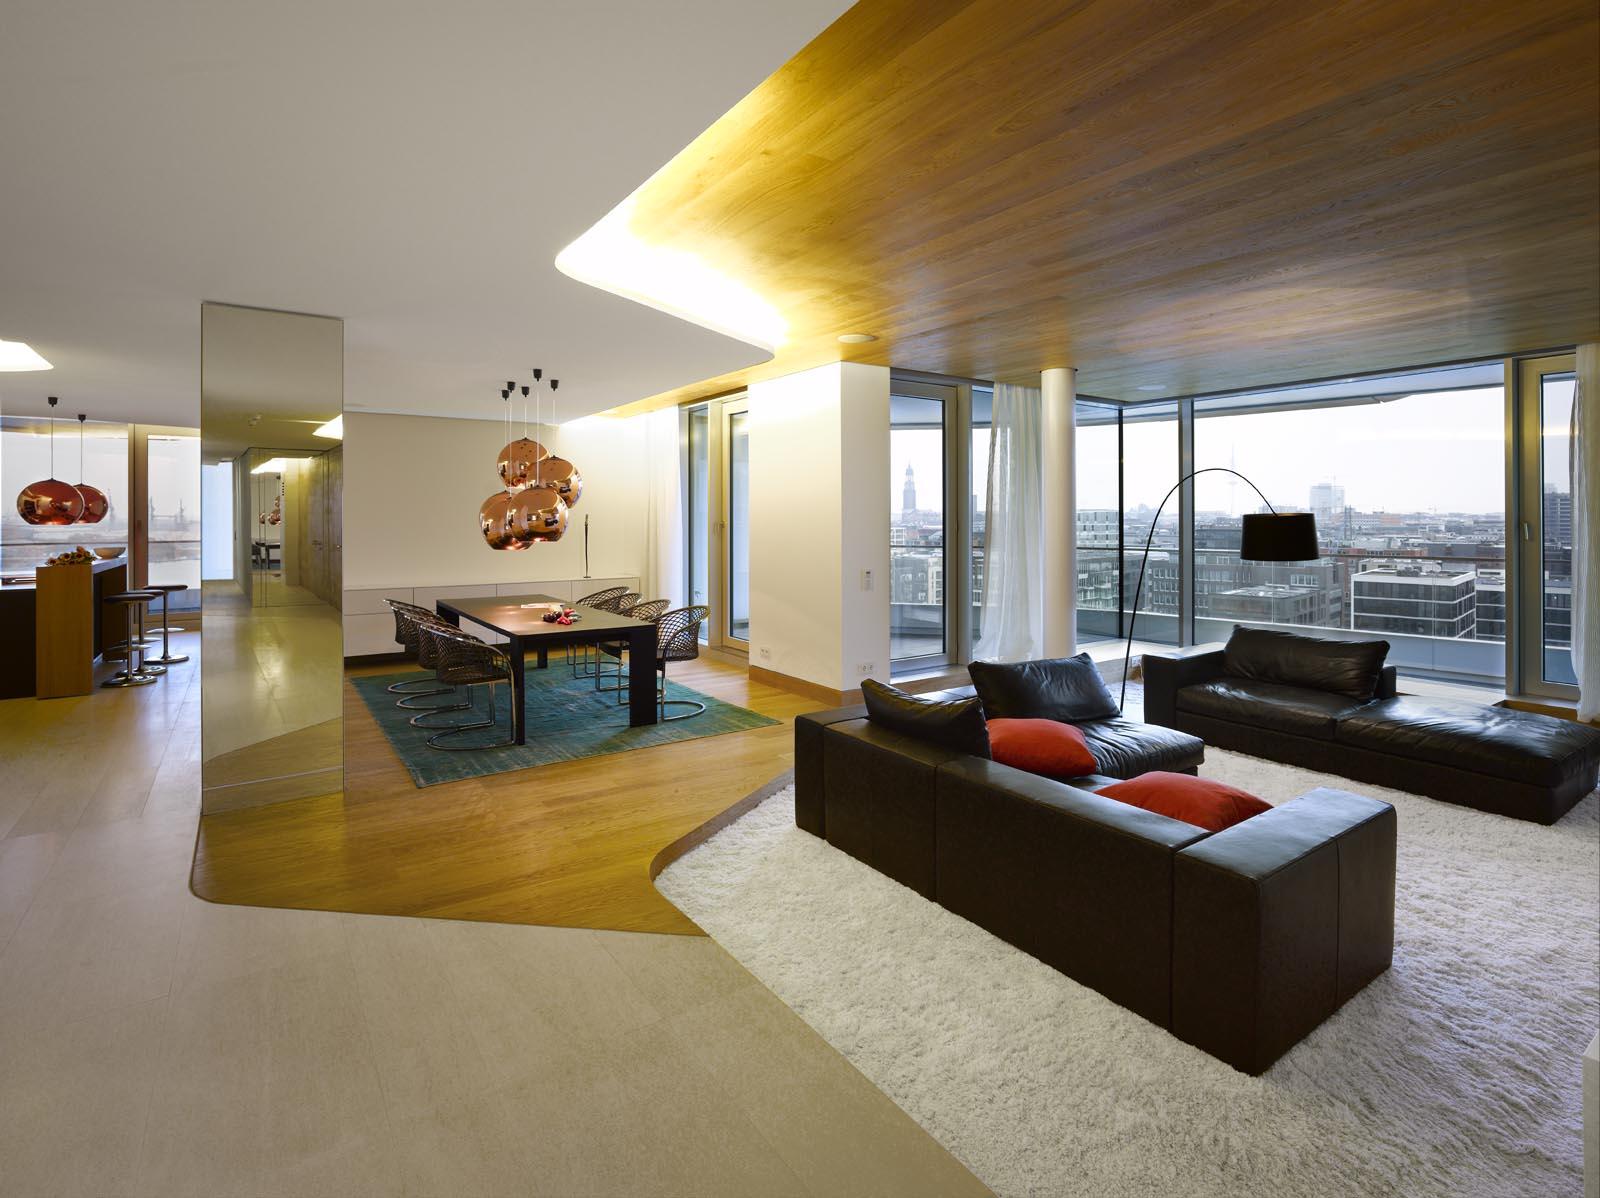 Interieur Aus Beton Und Aluminium Urban Wohnung - monref.net